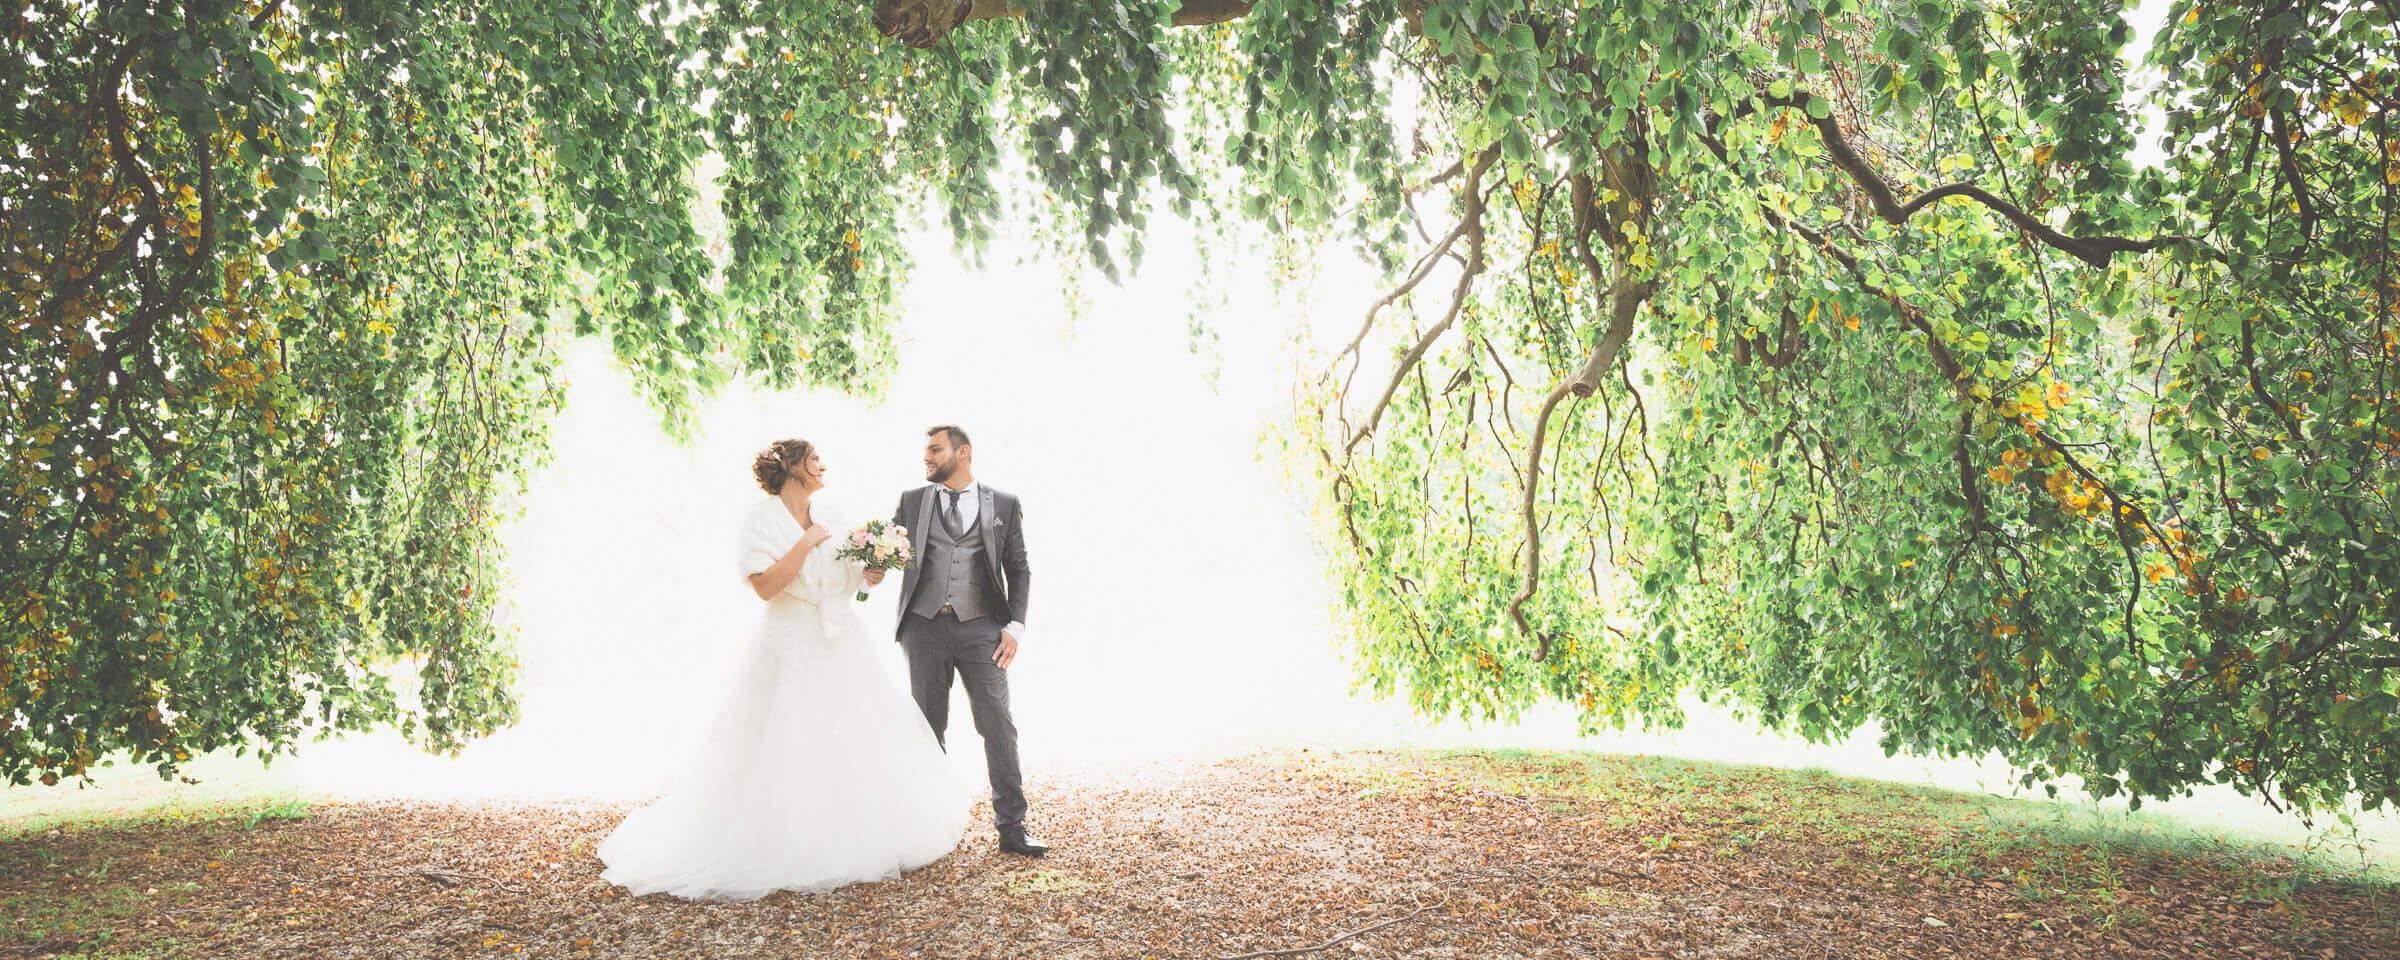 mariage au chateau d'anjou en isere